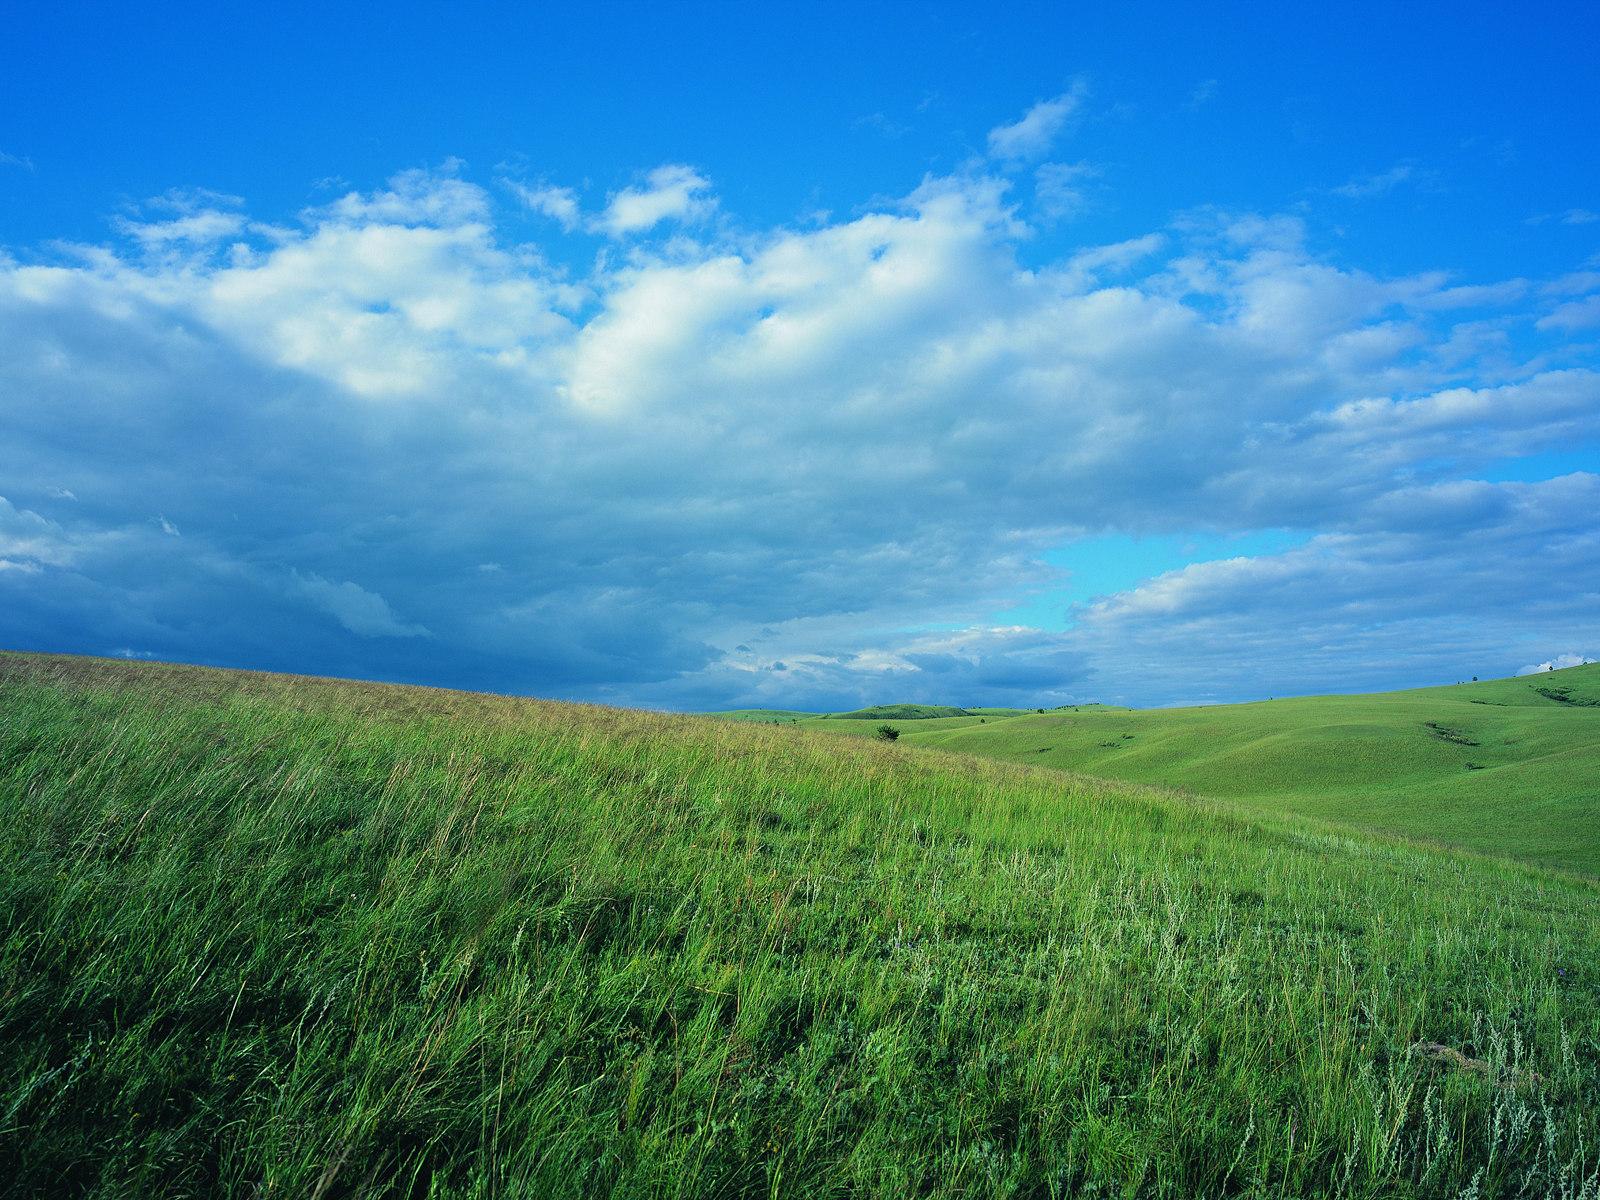 夏日茫茫草原绿草地蓝天白云高清图片素材 29